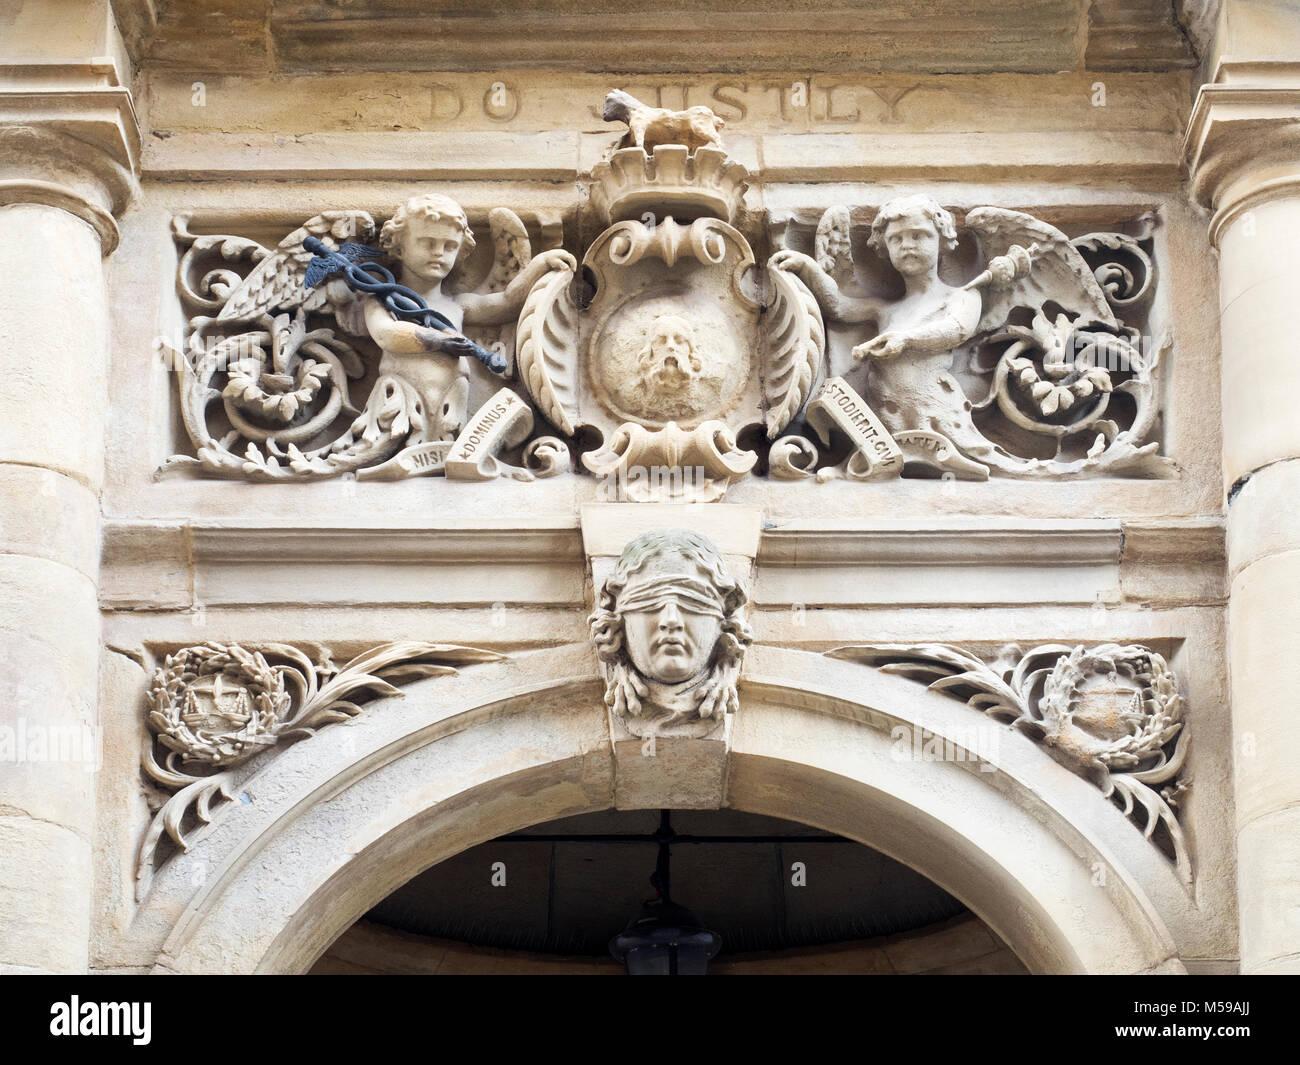 Muratura dettaglio mostrante gli occhi bendati uomo sopra la porta di ingresso al Municipio di Halifax West Yorkshire Immagini Stock